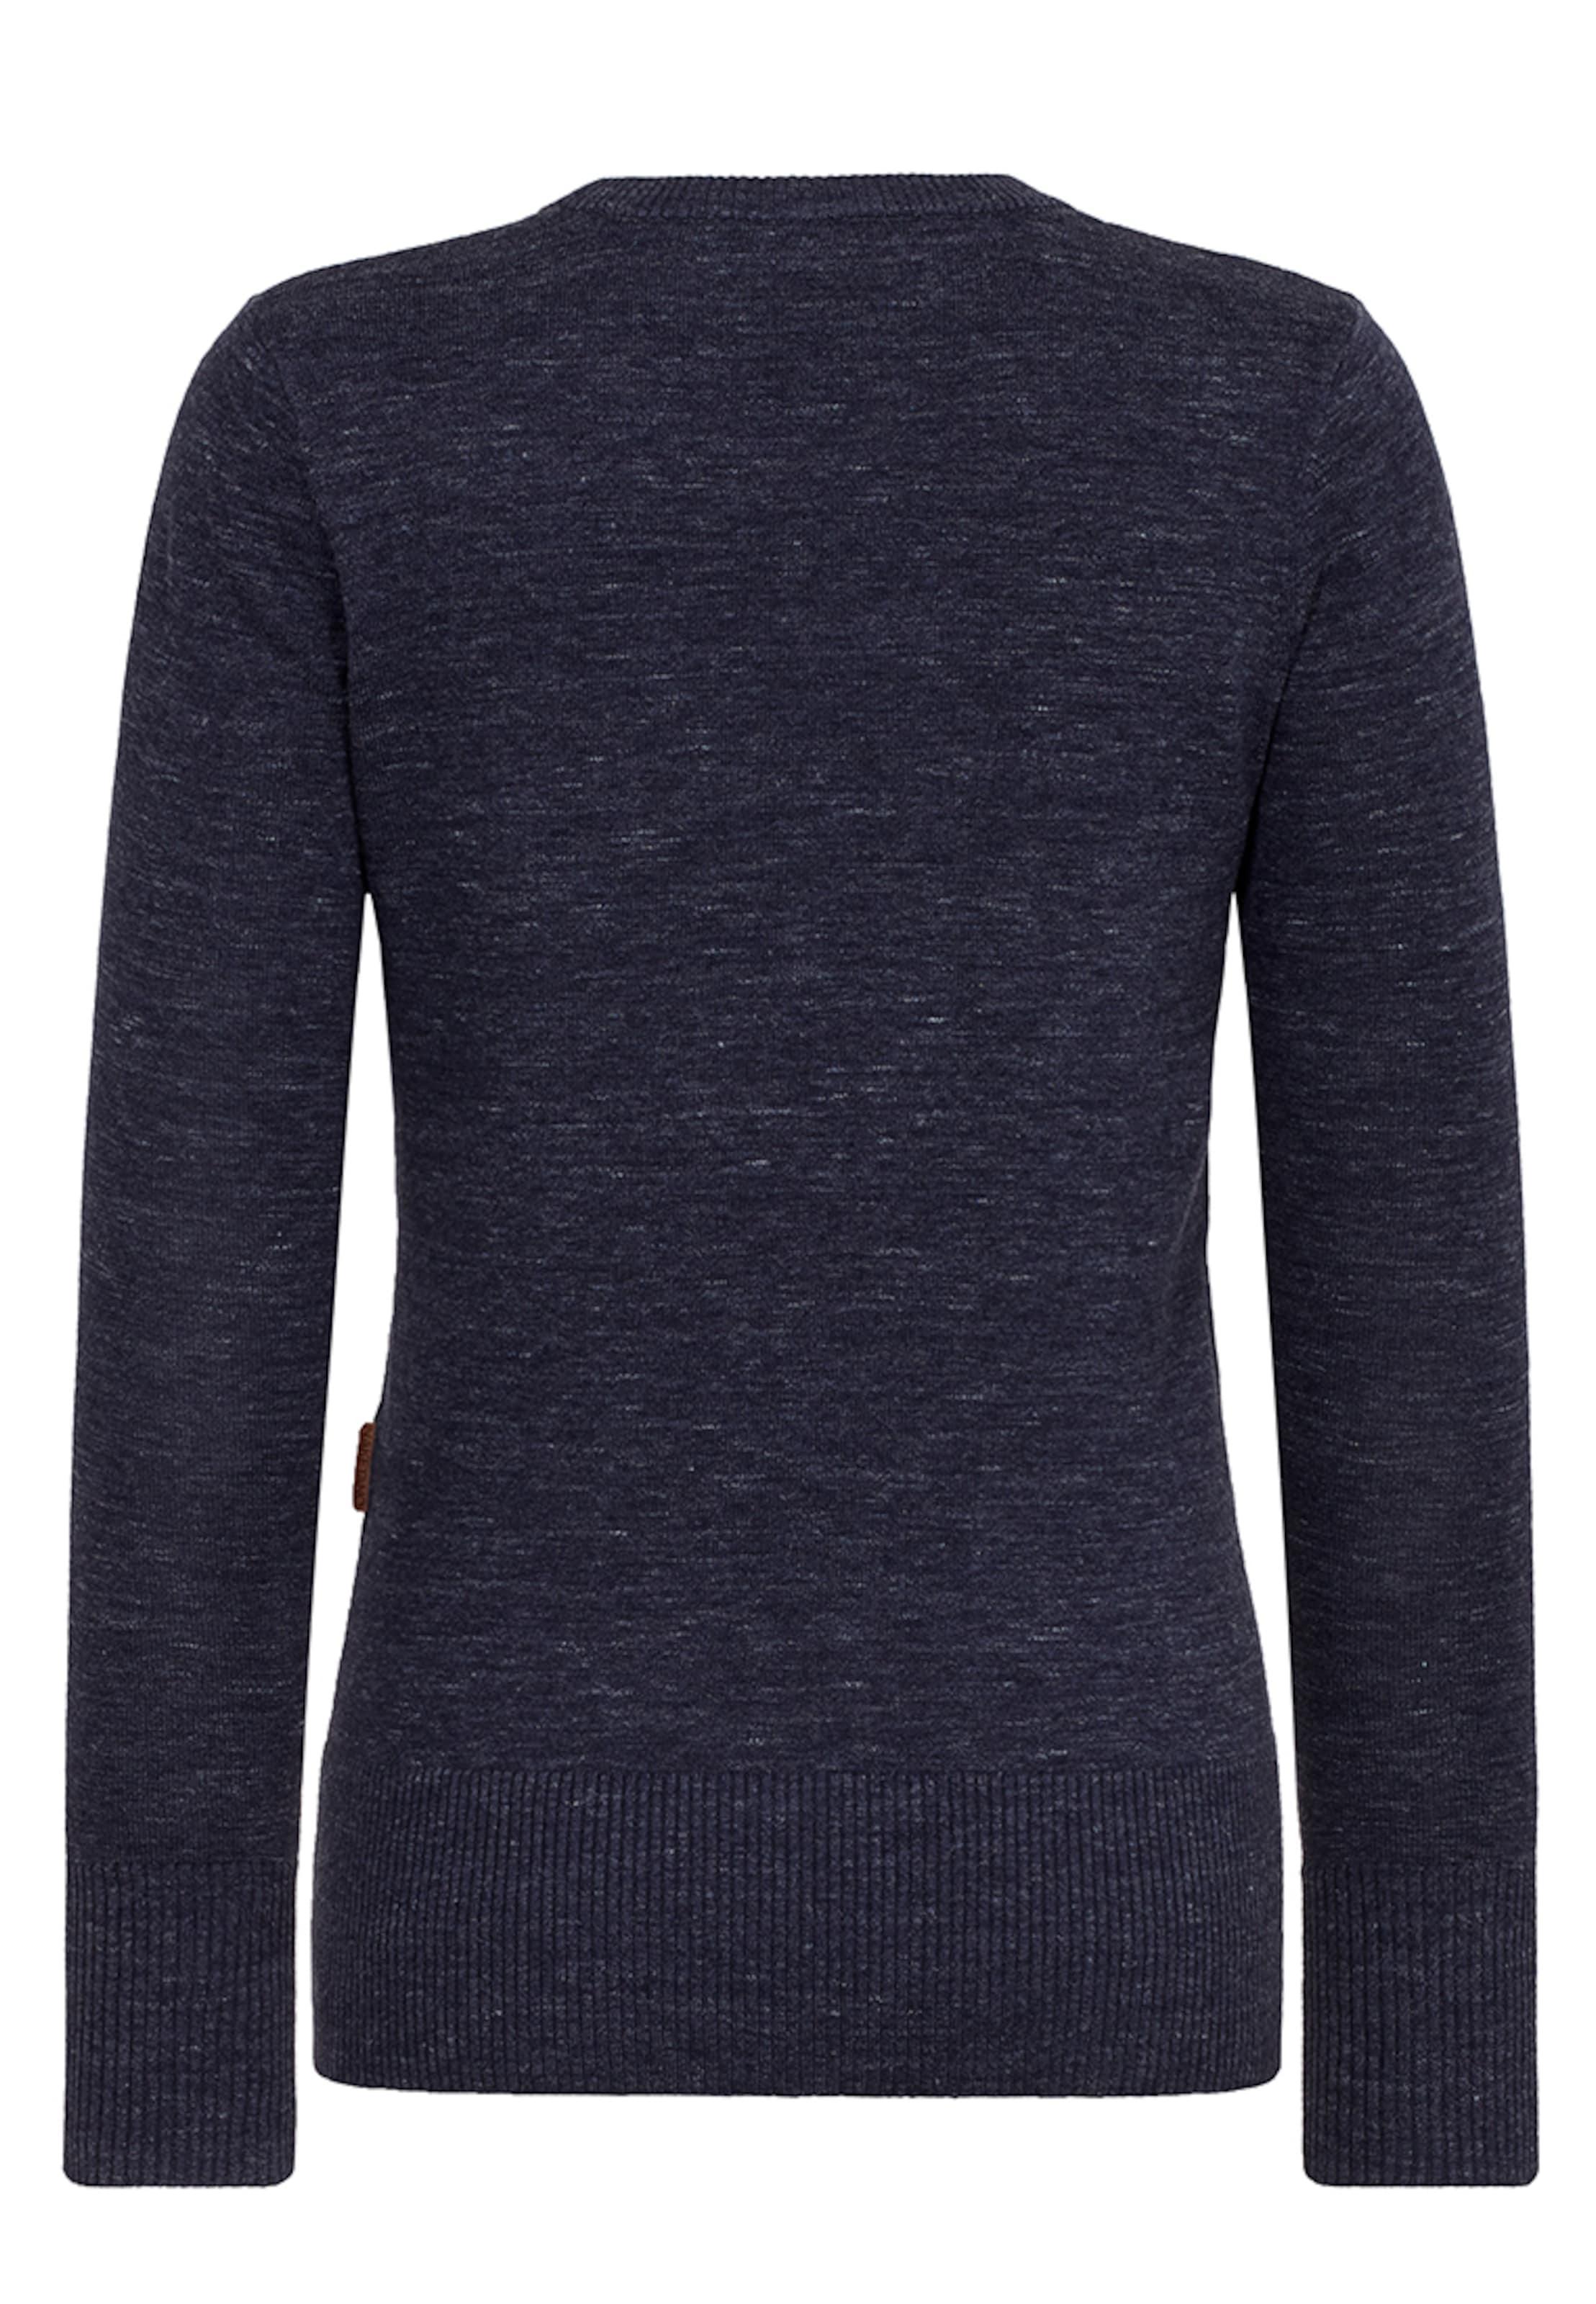 naketano Knit Pullover Verkauf Offizielle Seite qdZwDE3